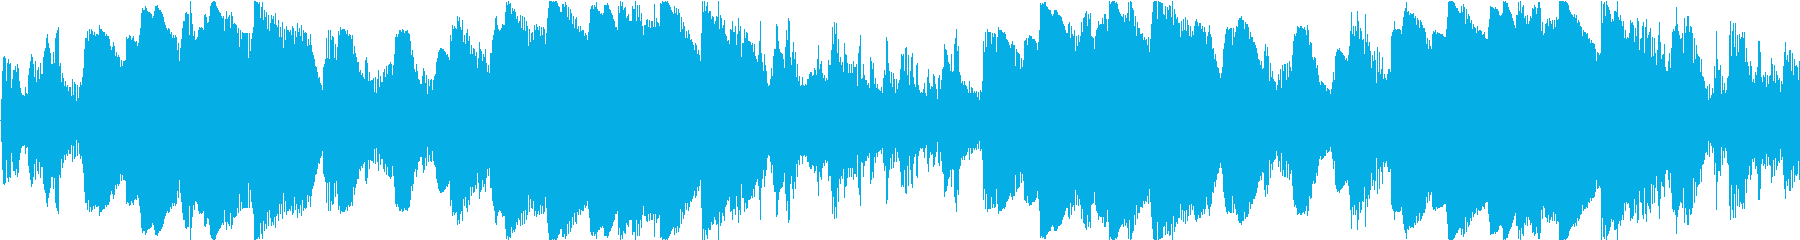 浮遊感のある宇宙的アンビエントの再生済みの波形